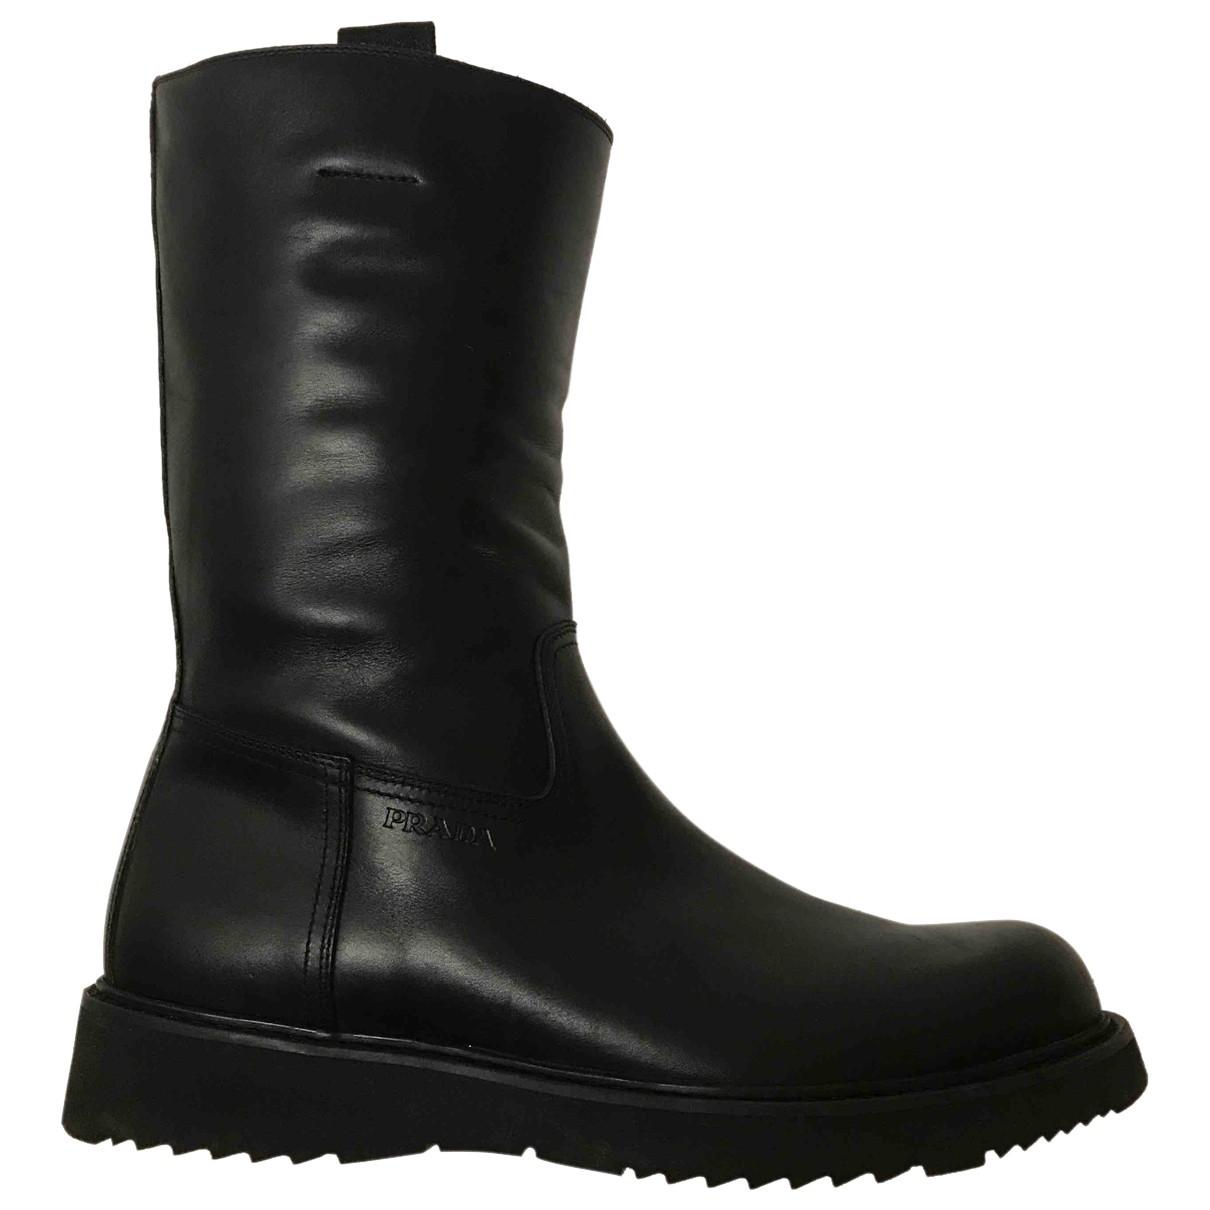 Prada - Bottes.Boots   pour homme en cuir - noir